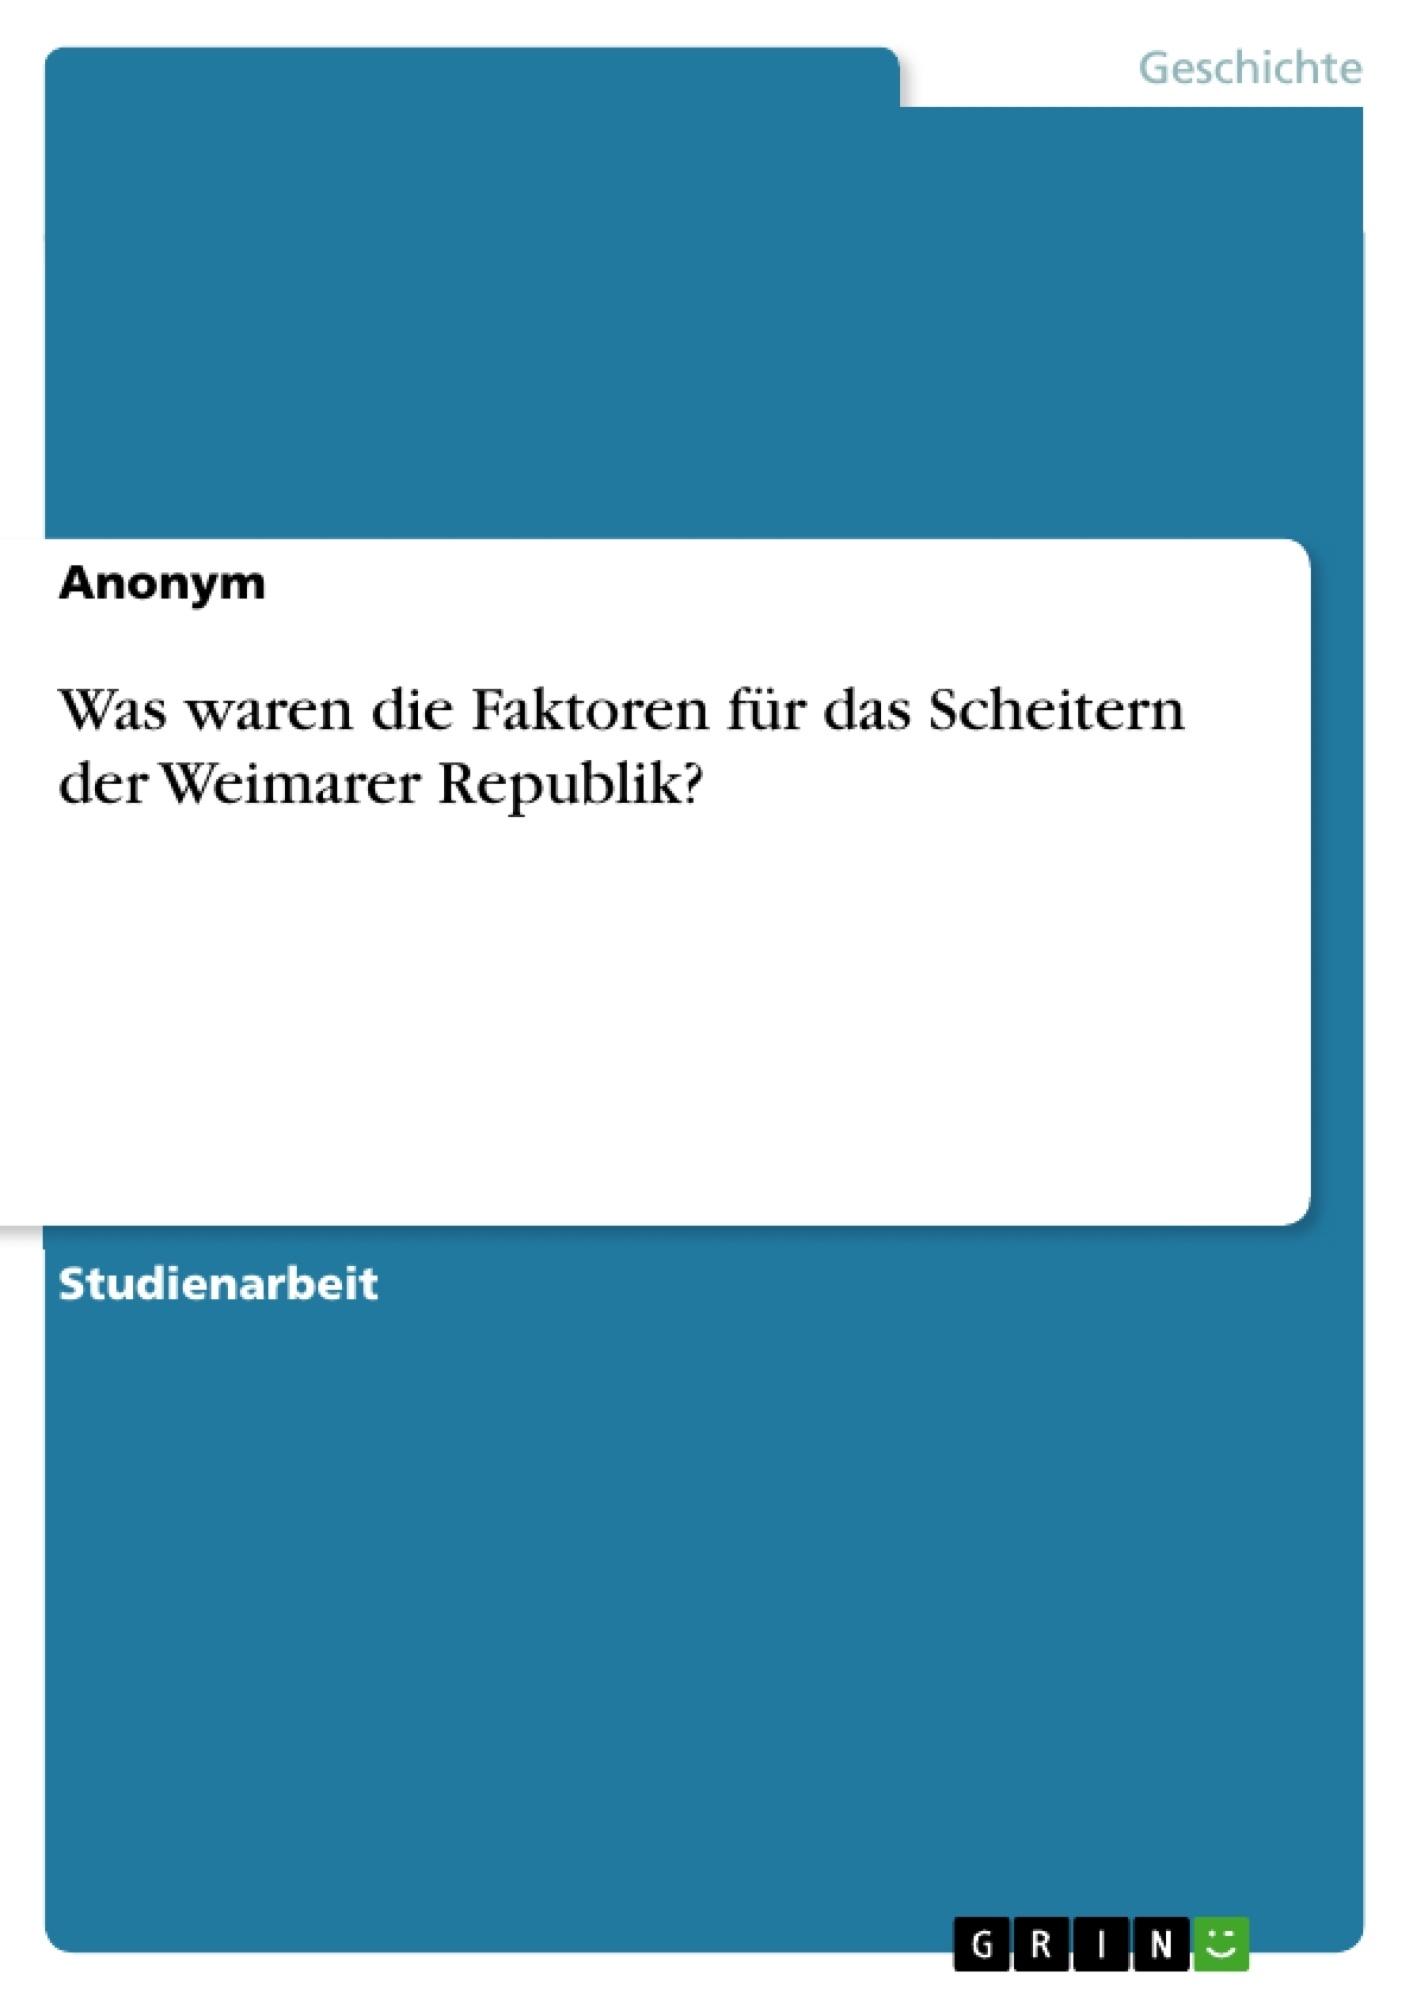 Titel: Was waren die Faktoren für das Scheitern der Weimarer Republik?